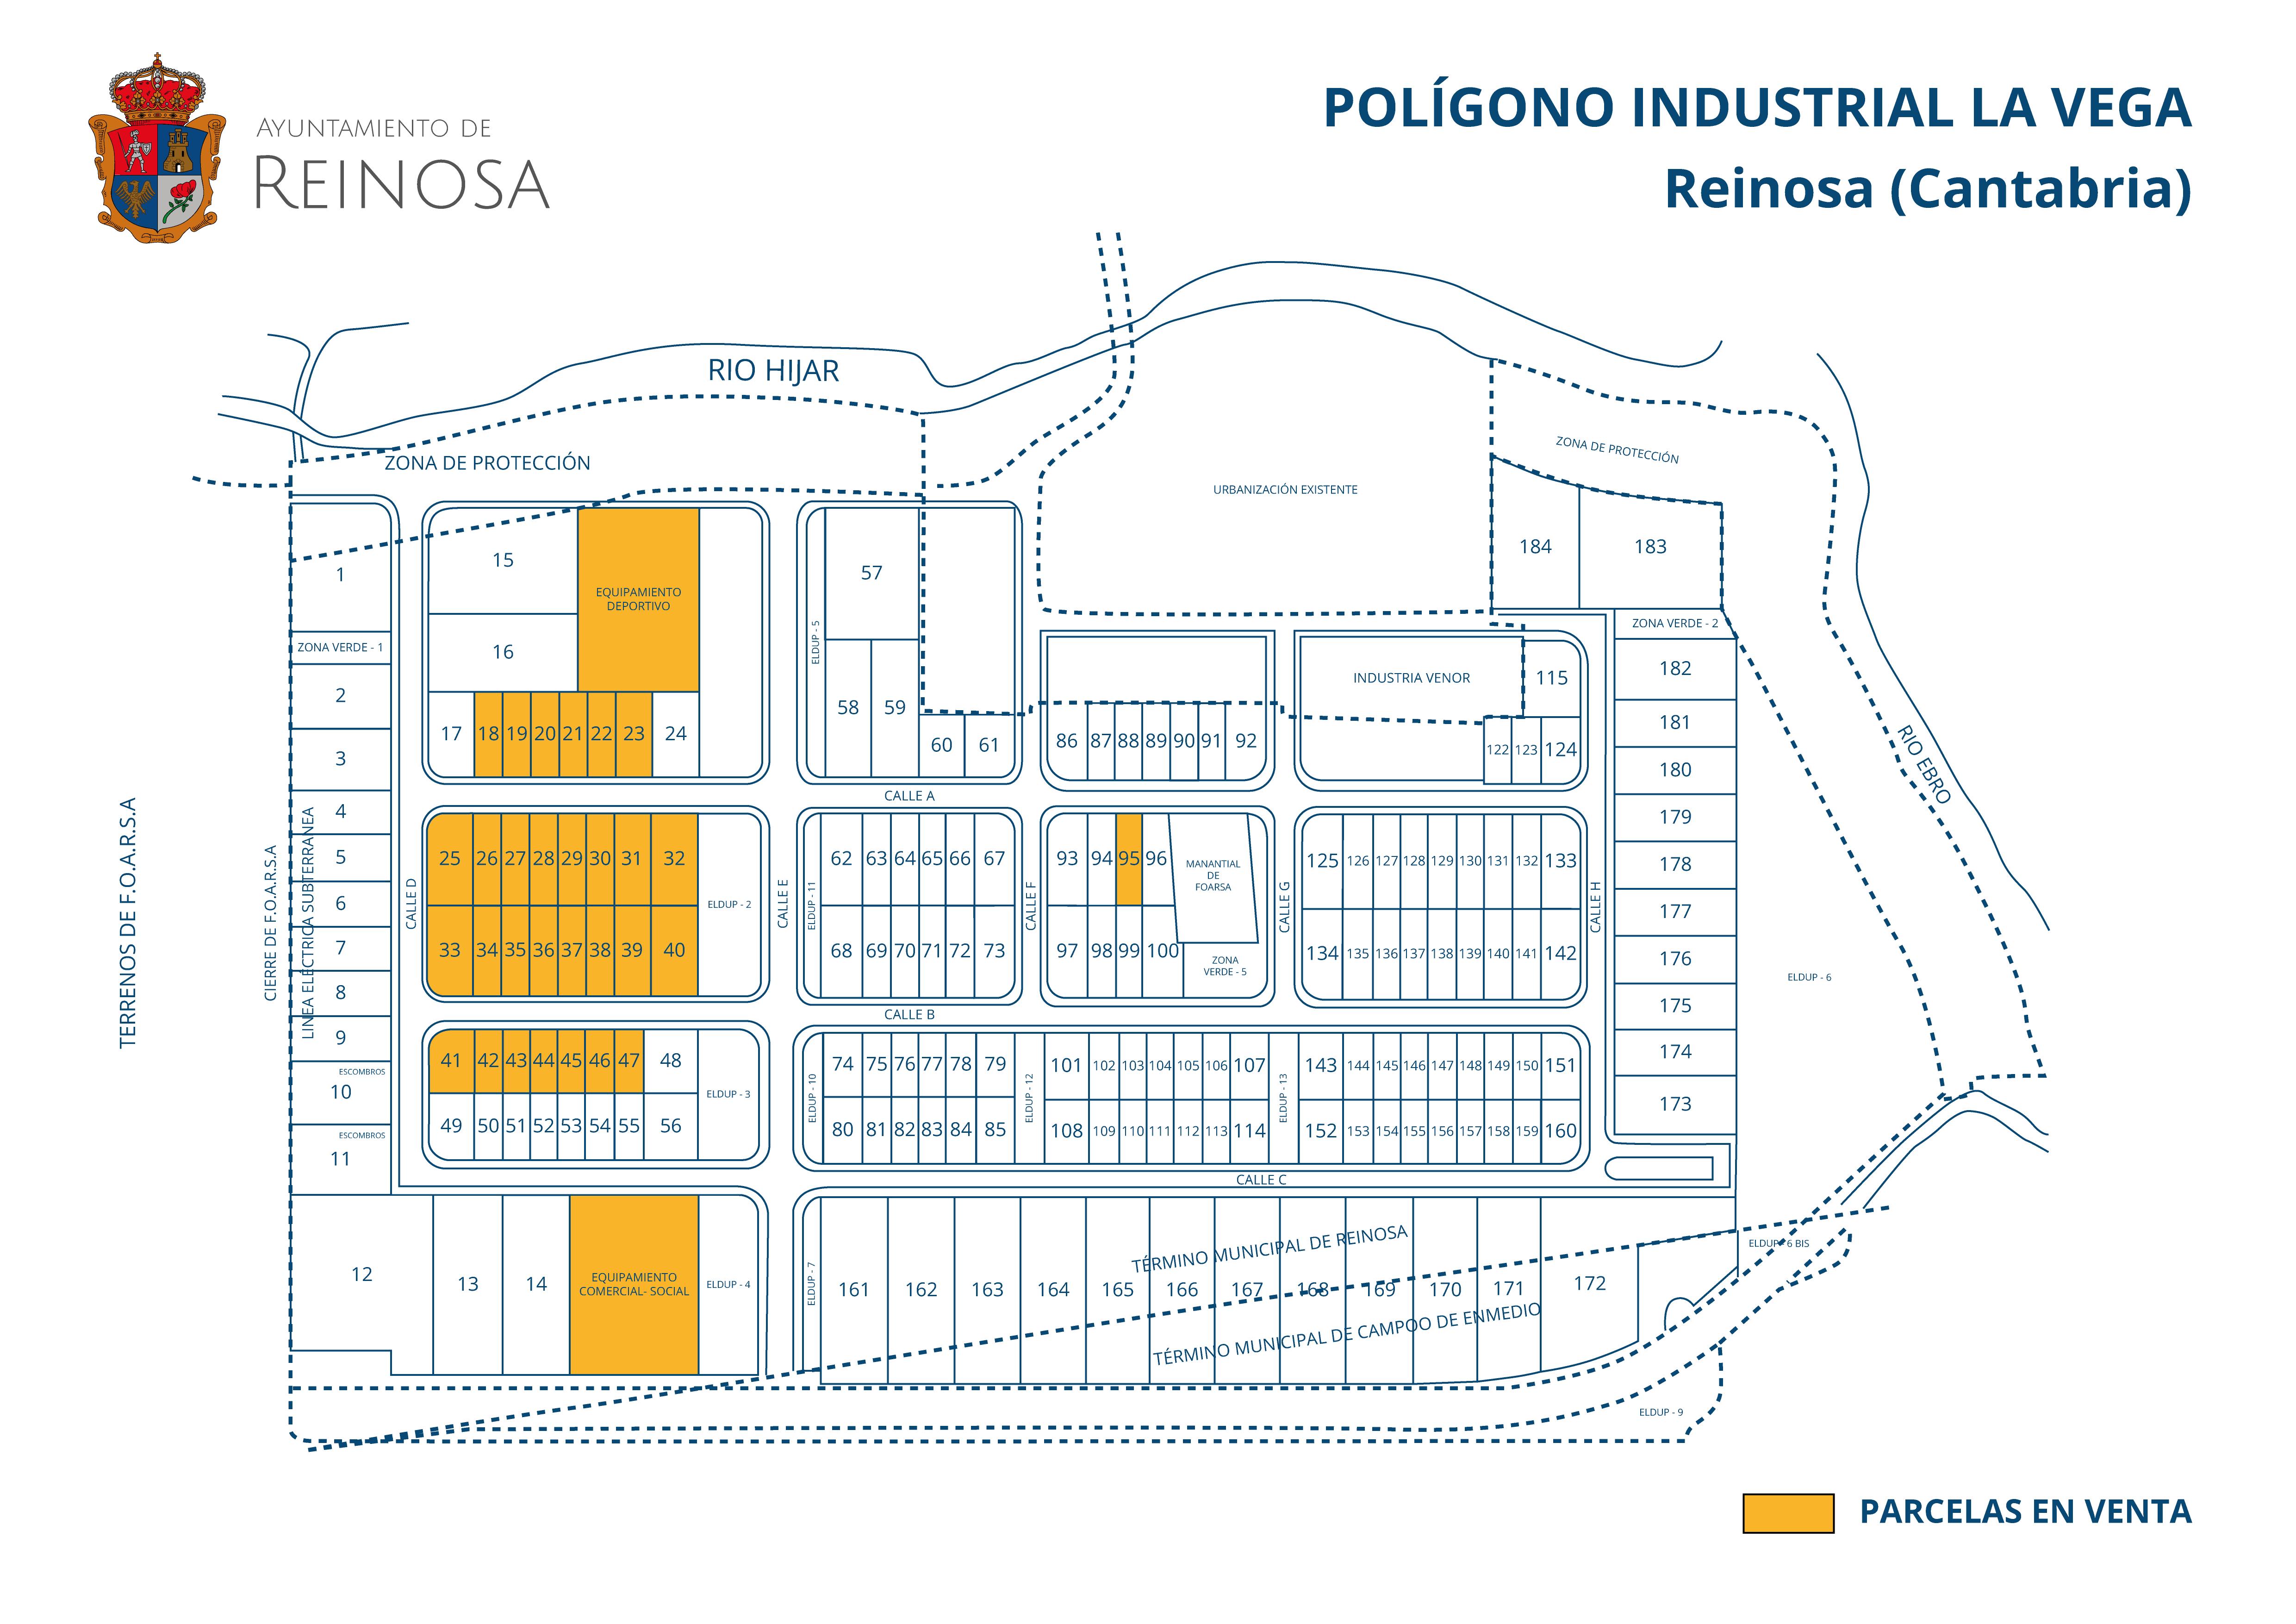 infografia-poligono-inustrial-la-vega-reinosa